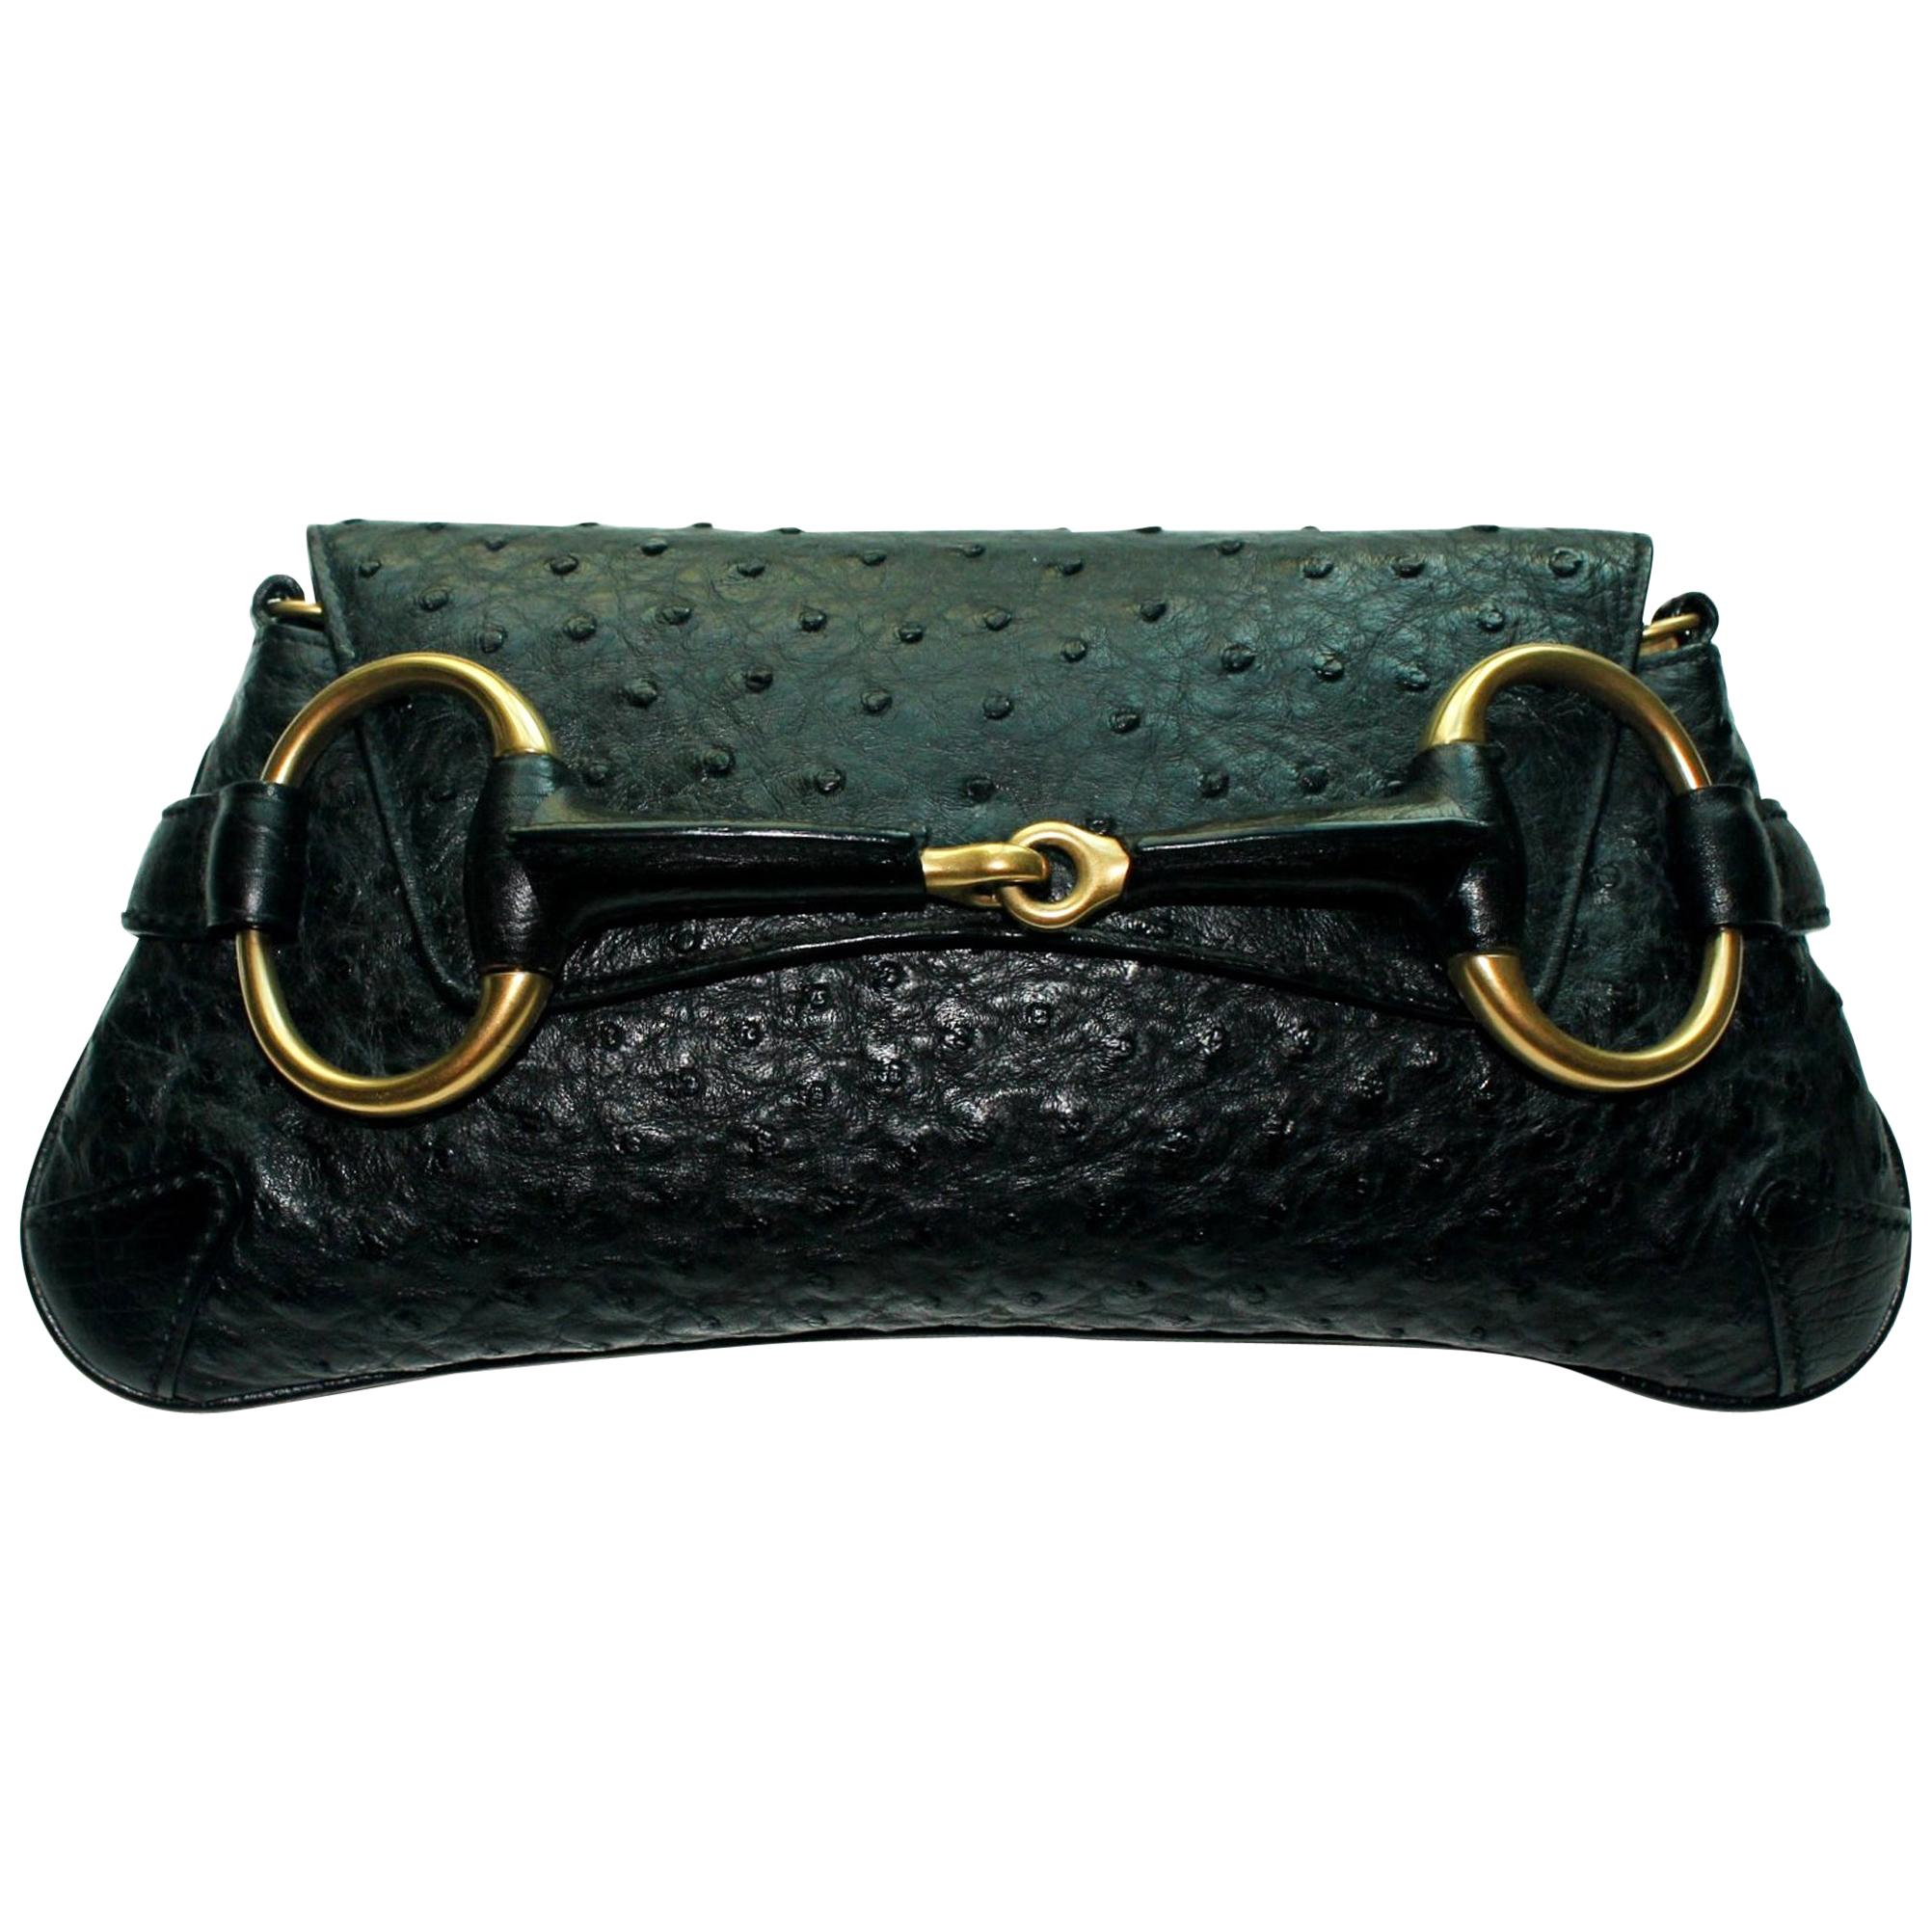 Black GUCCI Ostrich Skin Horsebit Flap Clutch Bag